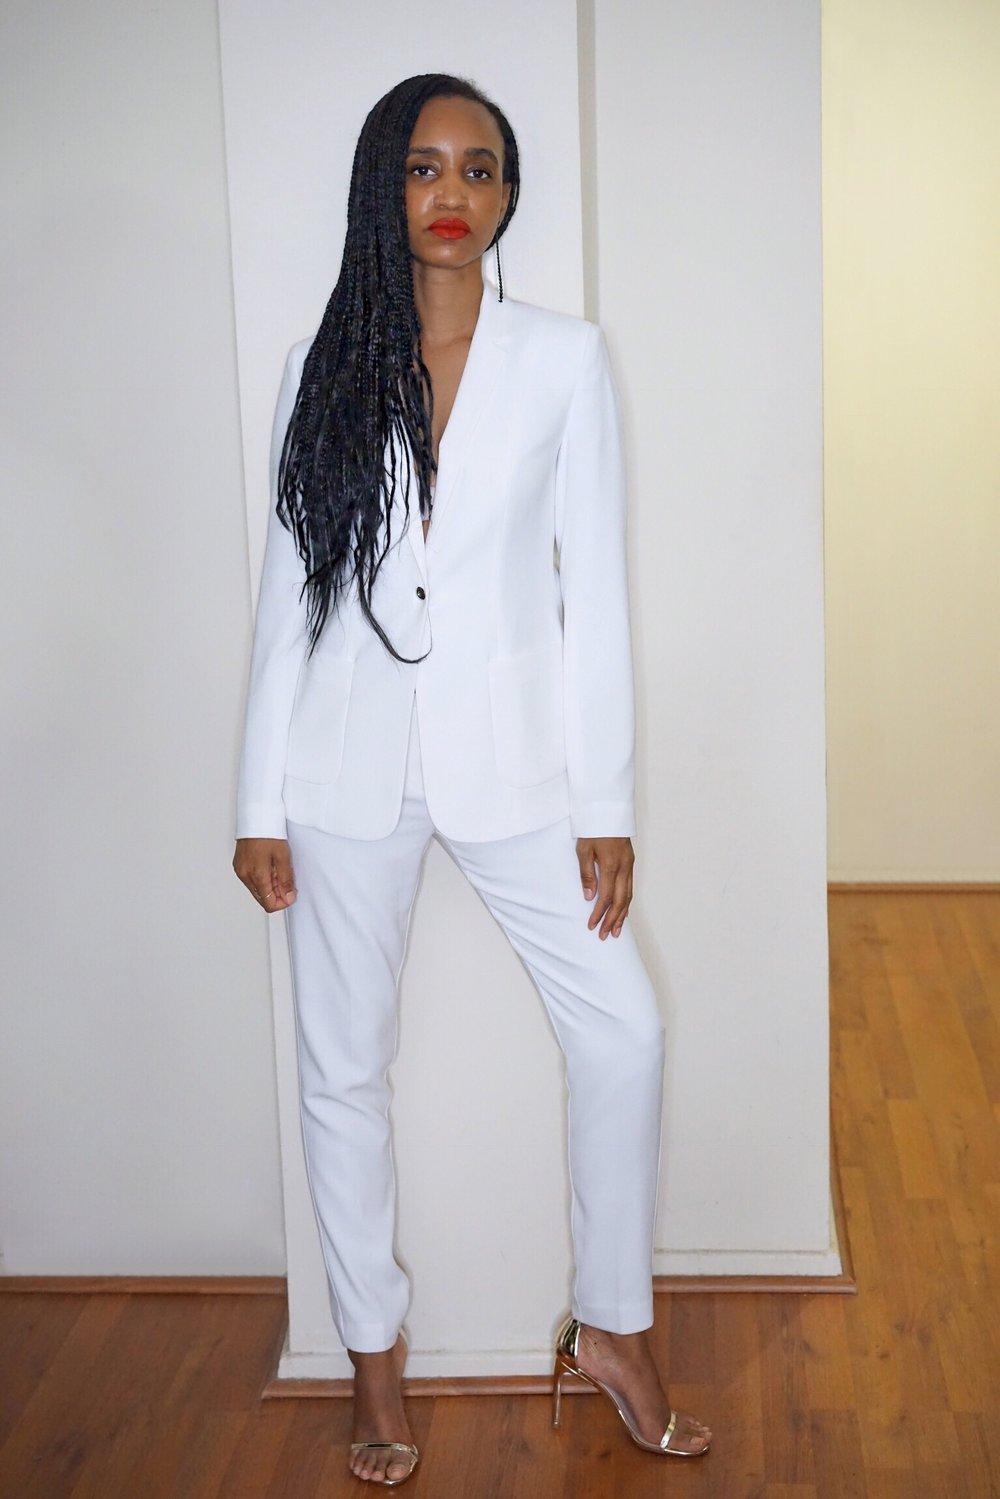 christine_the_style_d_affaire_elie_tahari_white _suit_hm_earring_stuart_weitzman_gold_shoes_chan lug_necklace_fenty_beauty_lipstick_bodysuit_guess_jacquie aiche_rings.jpg